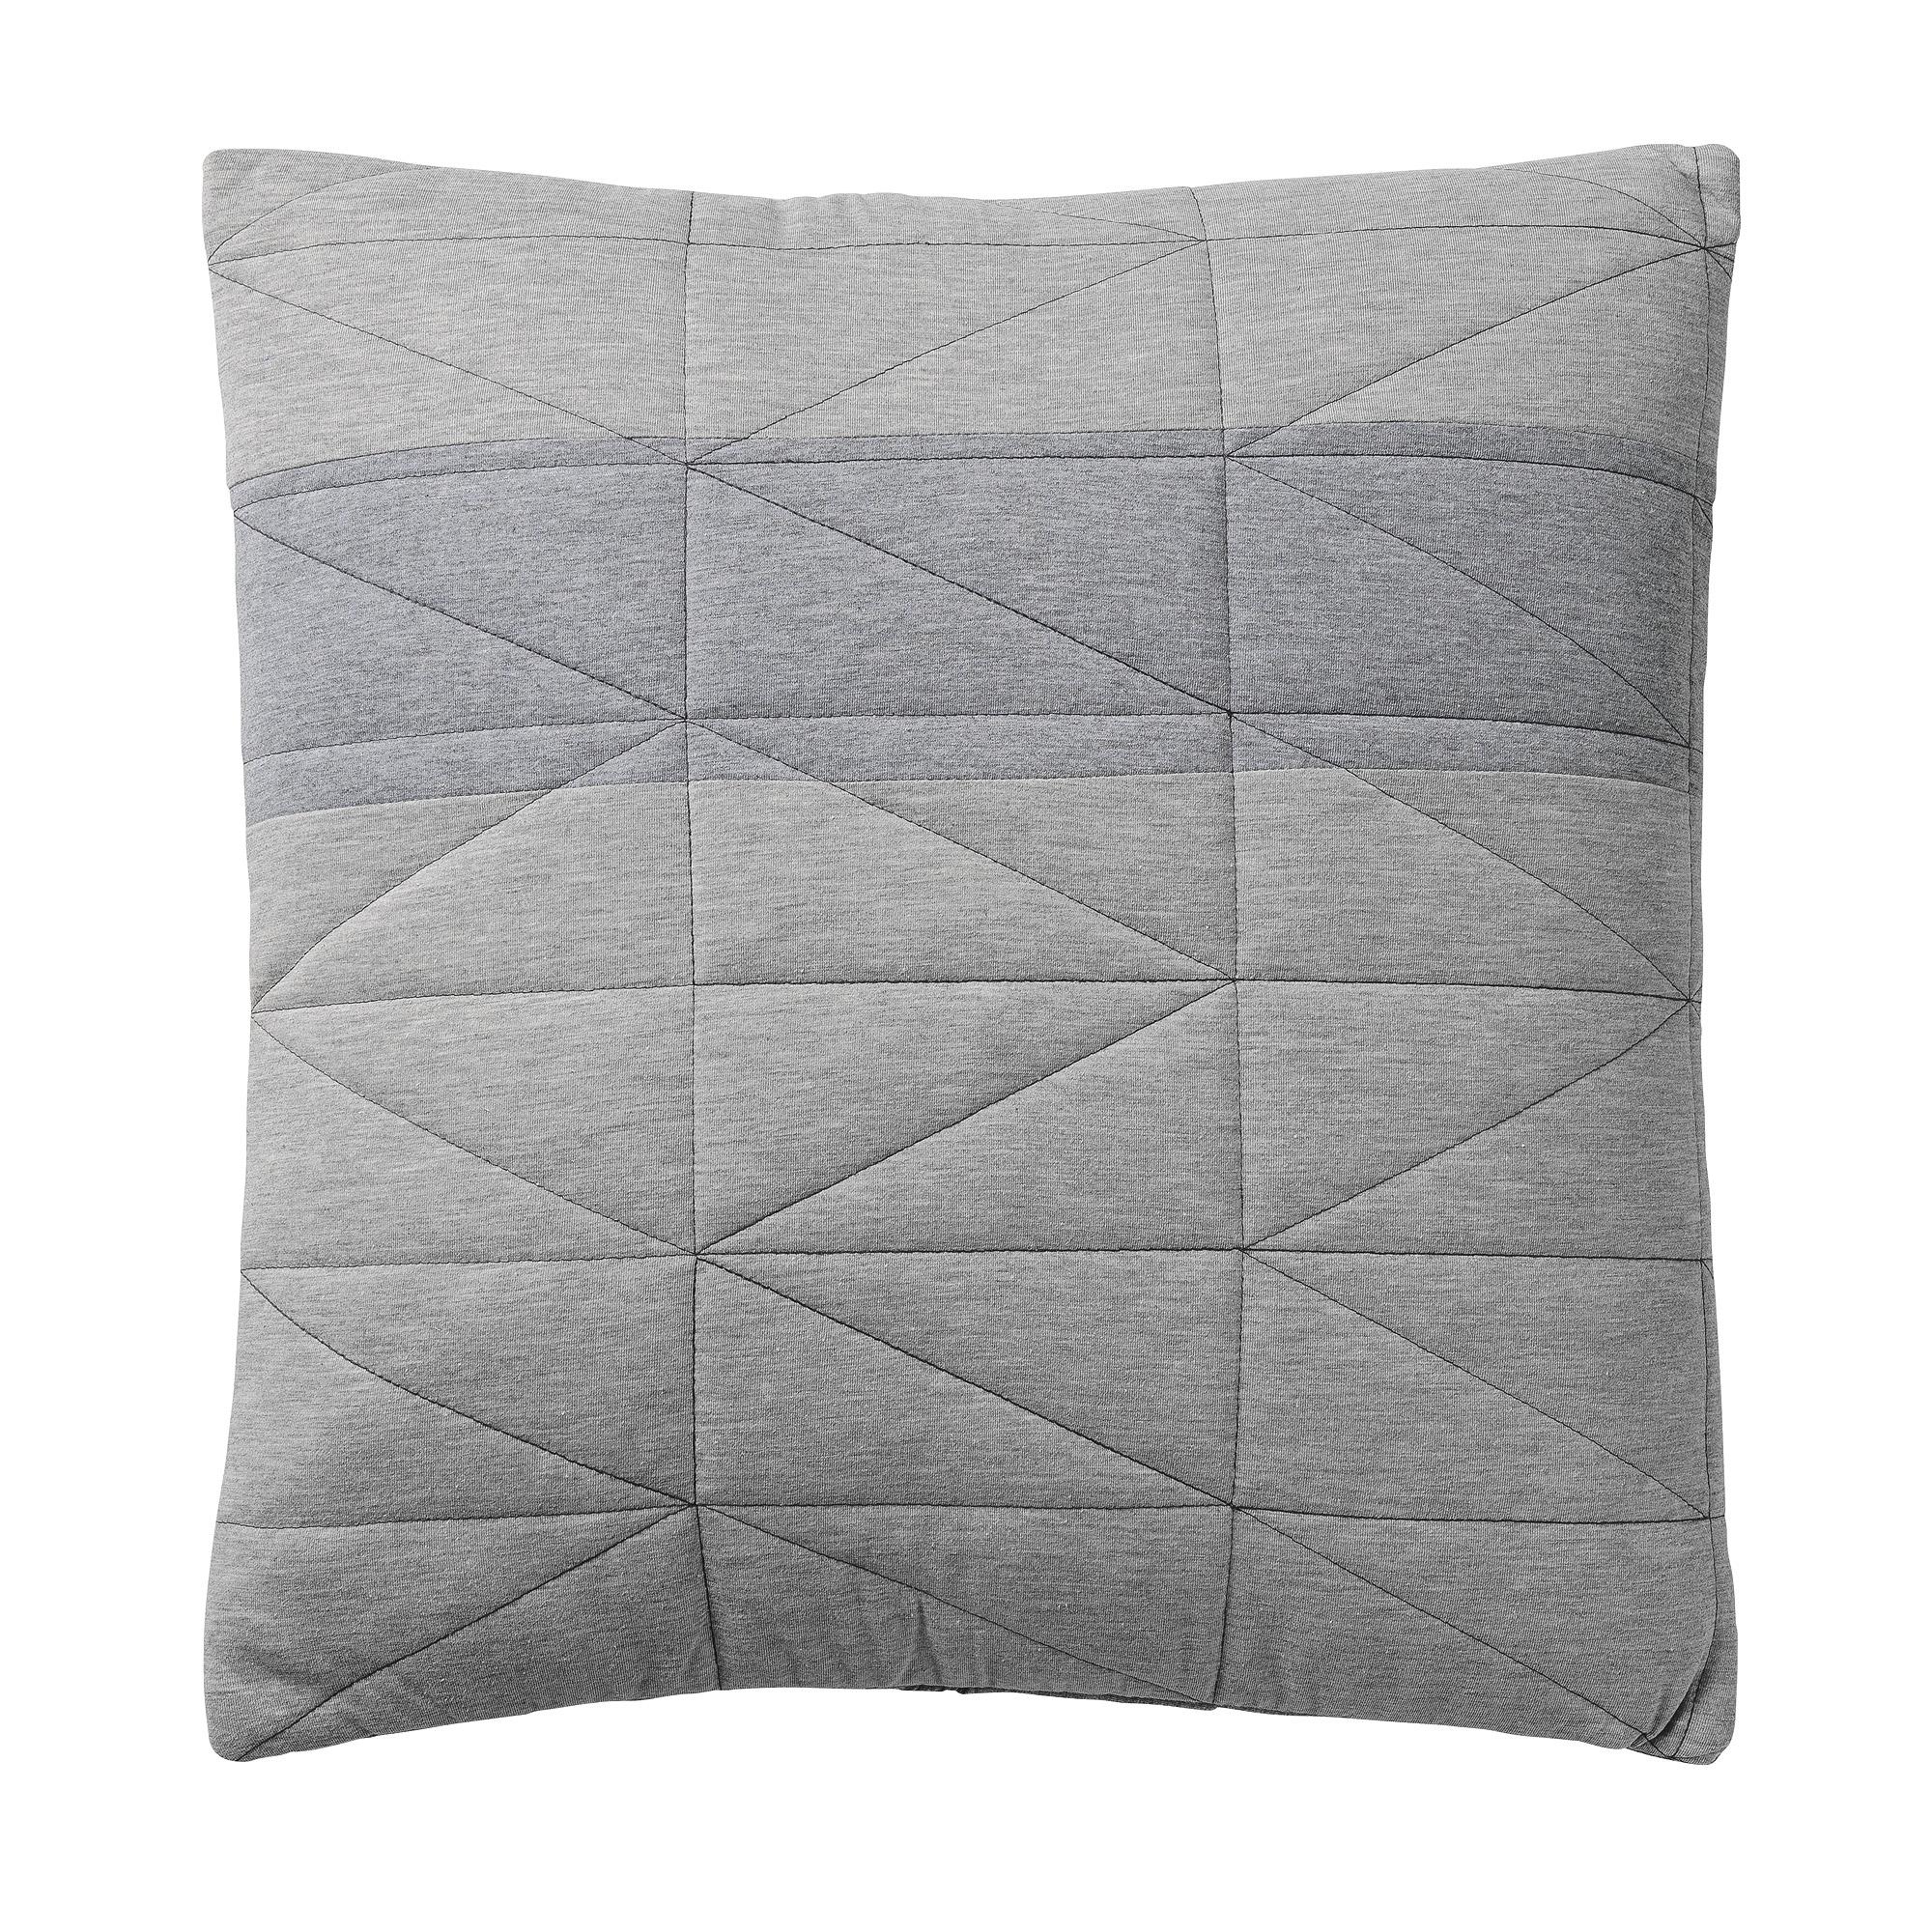 Купить со скидкой Декоративная подушка Diamond Grey серого цвета